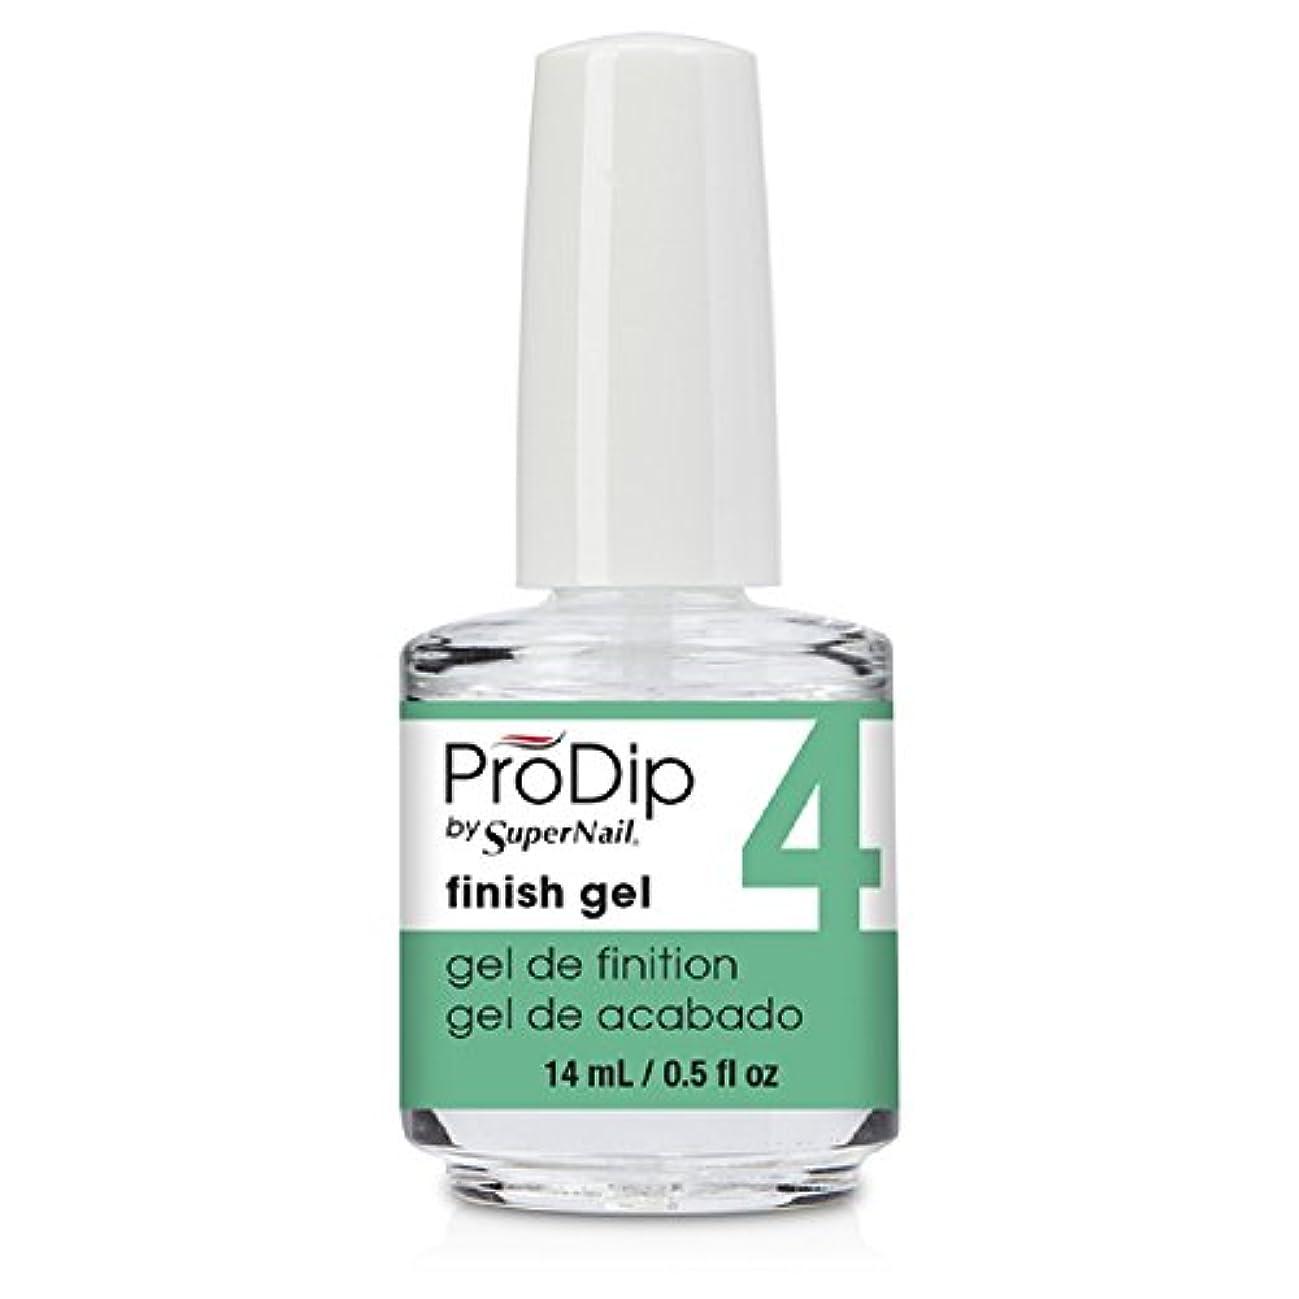 良さ引用アーサーコナンドイルSuperNail ProDip - Finish Gel - 14 ml/0.5 oz